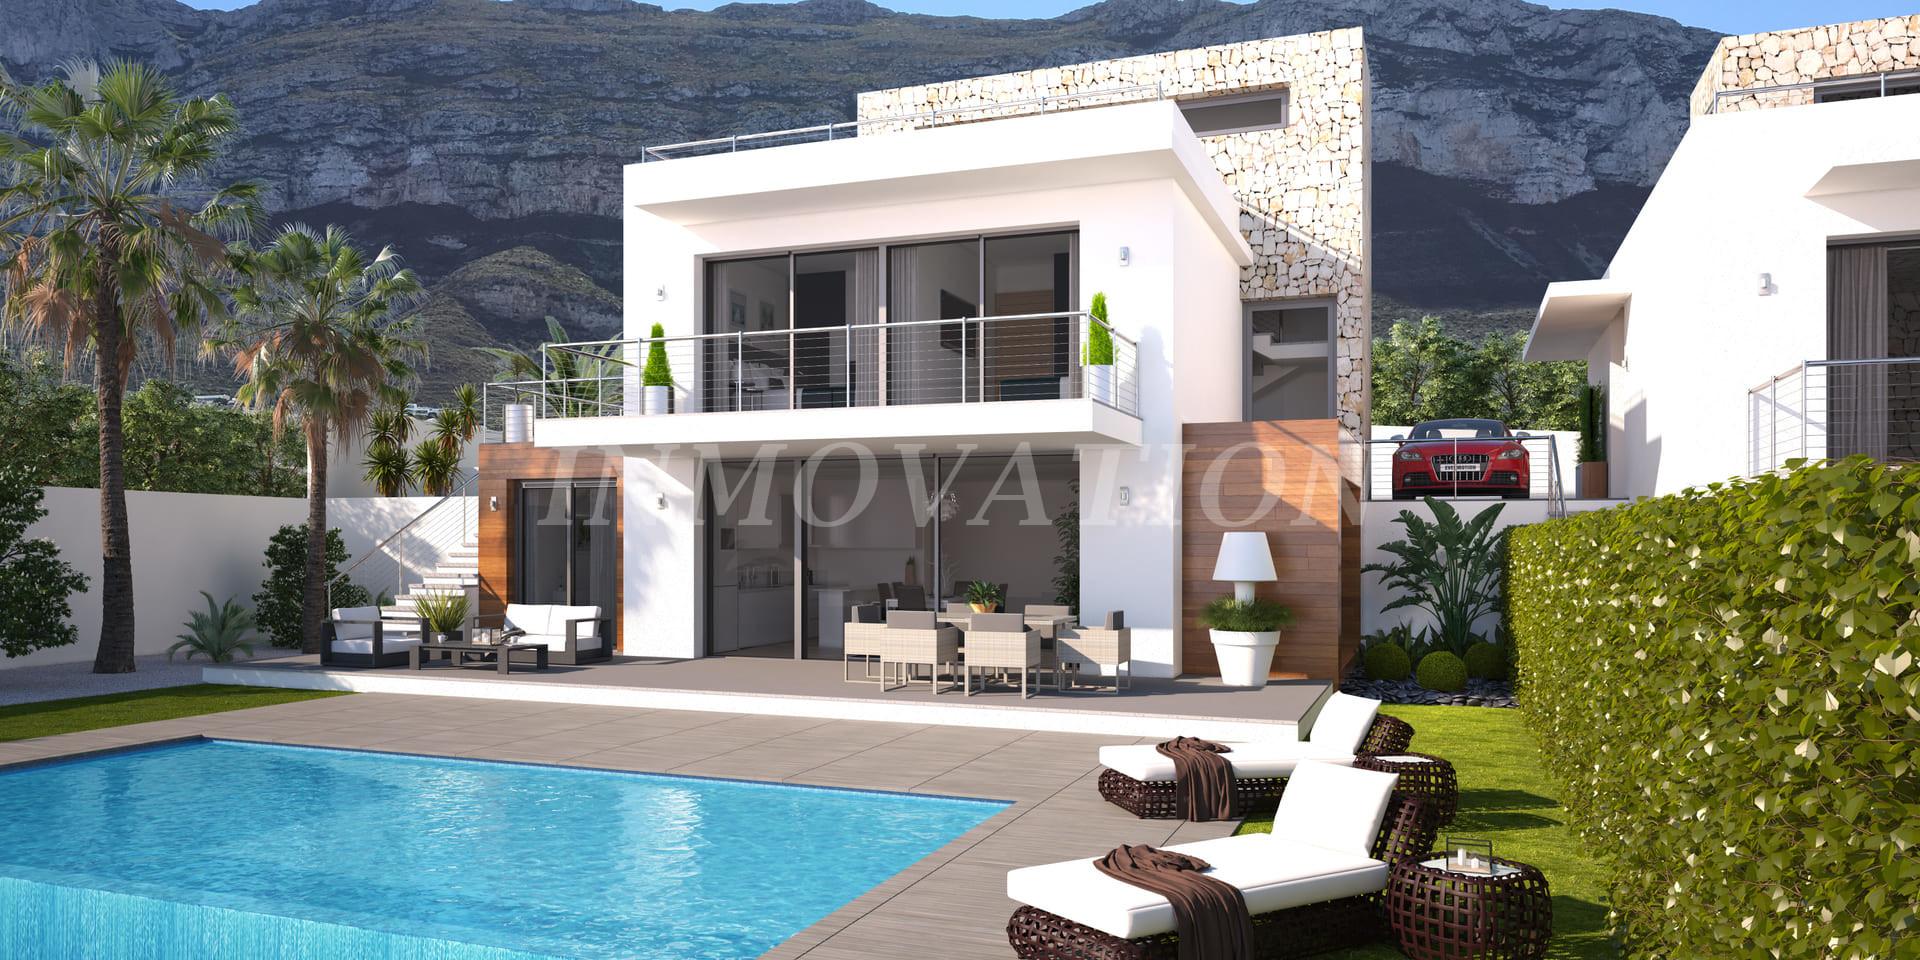 New Development Project of 5 Villas in Denia